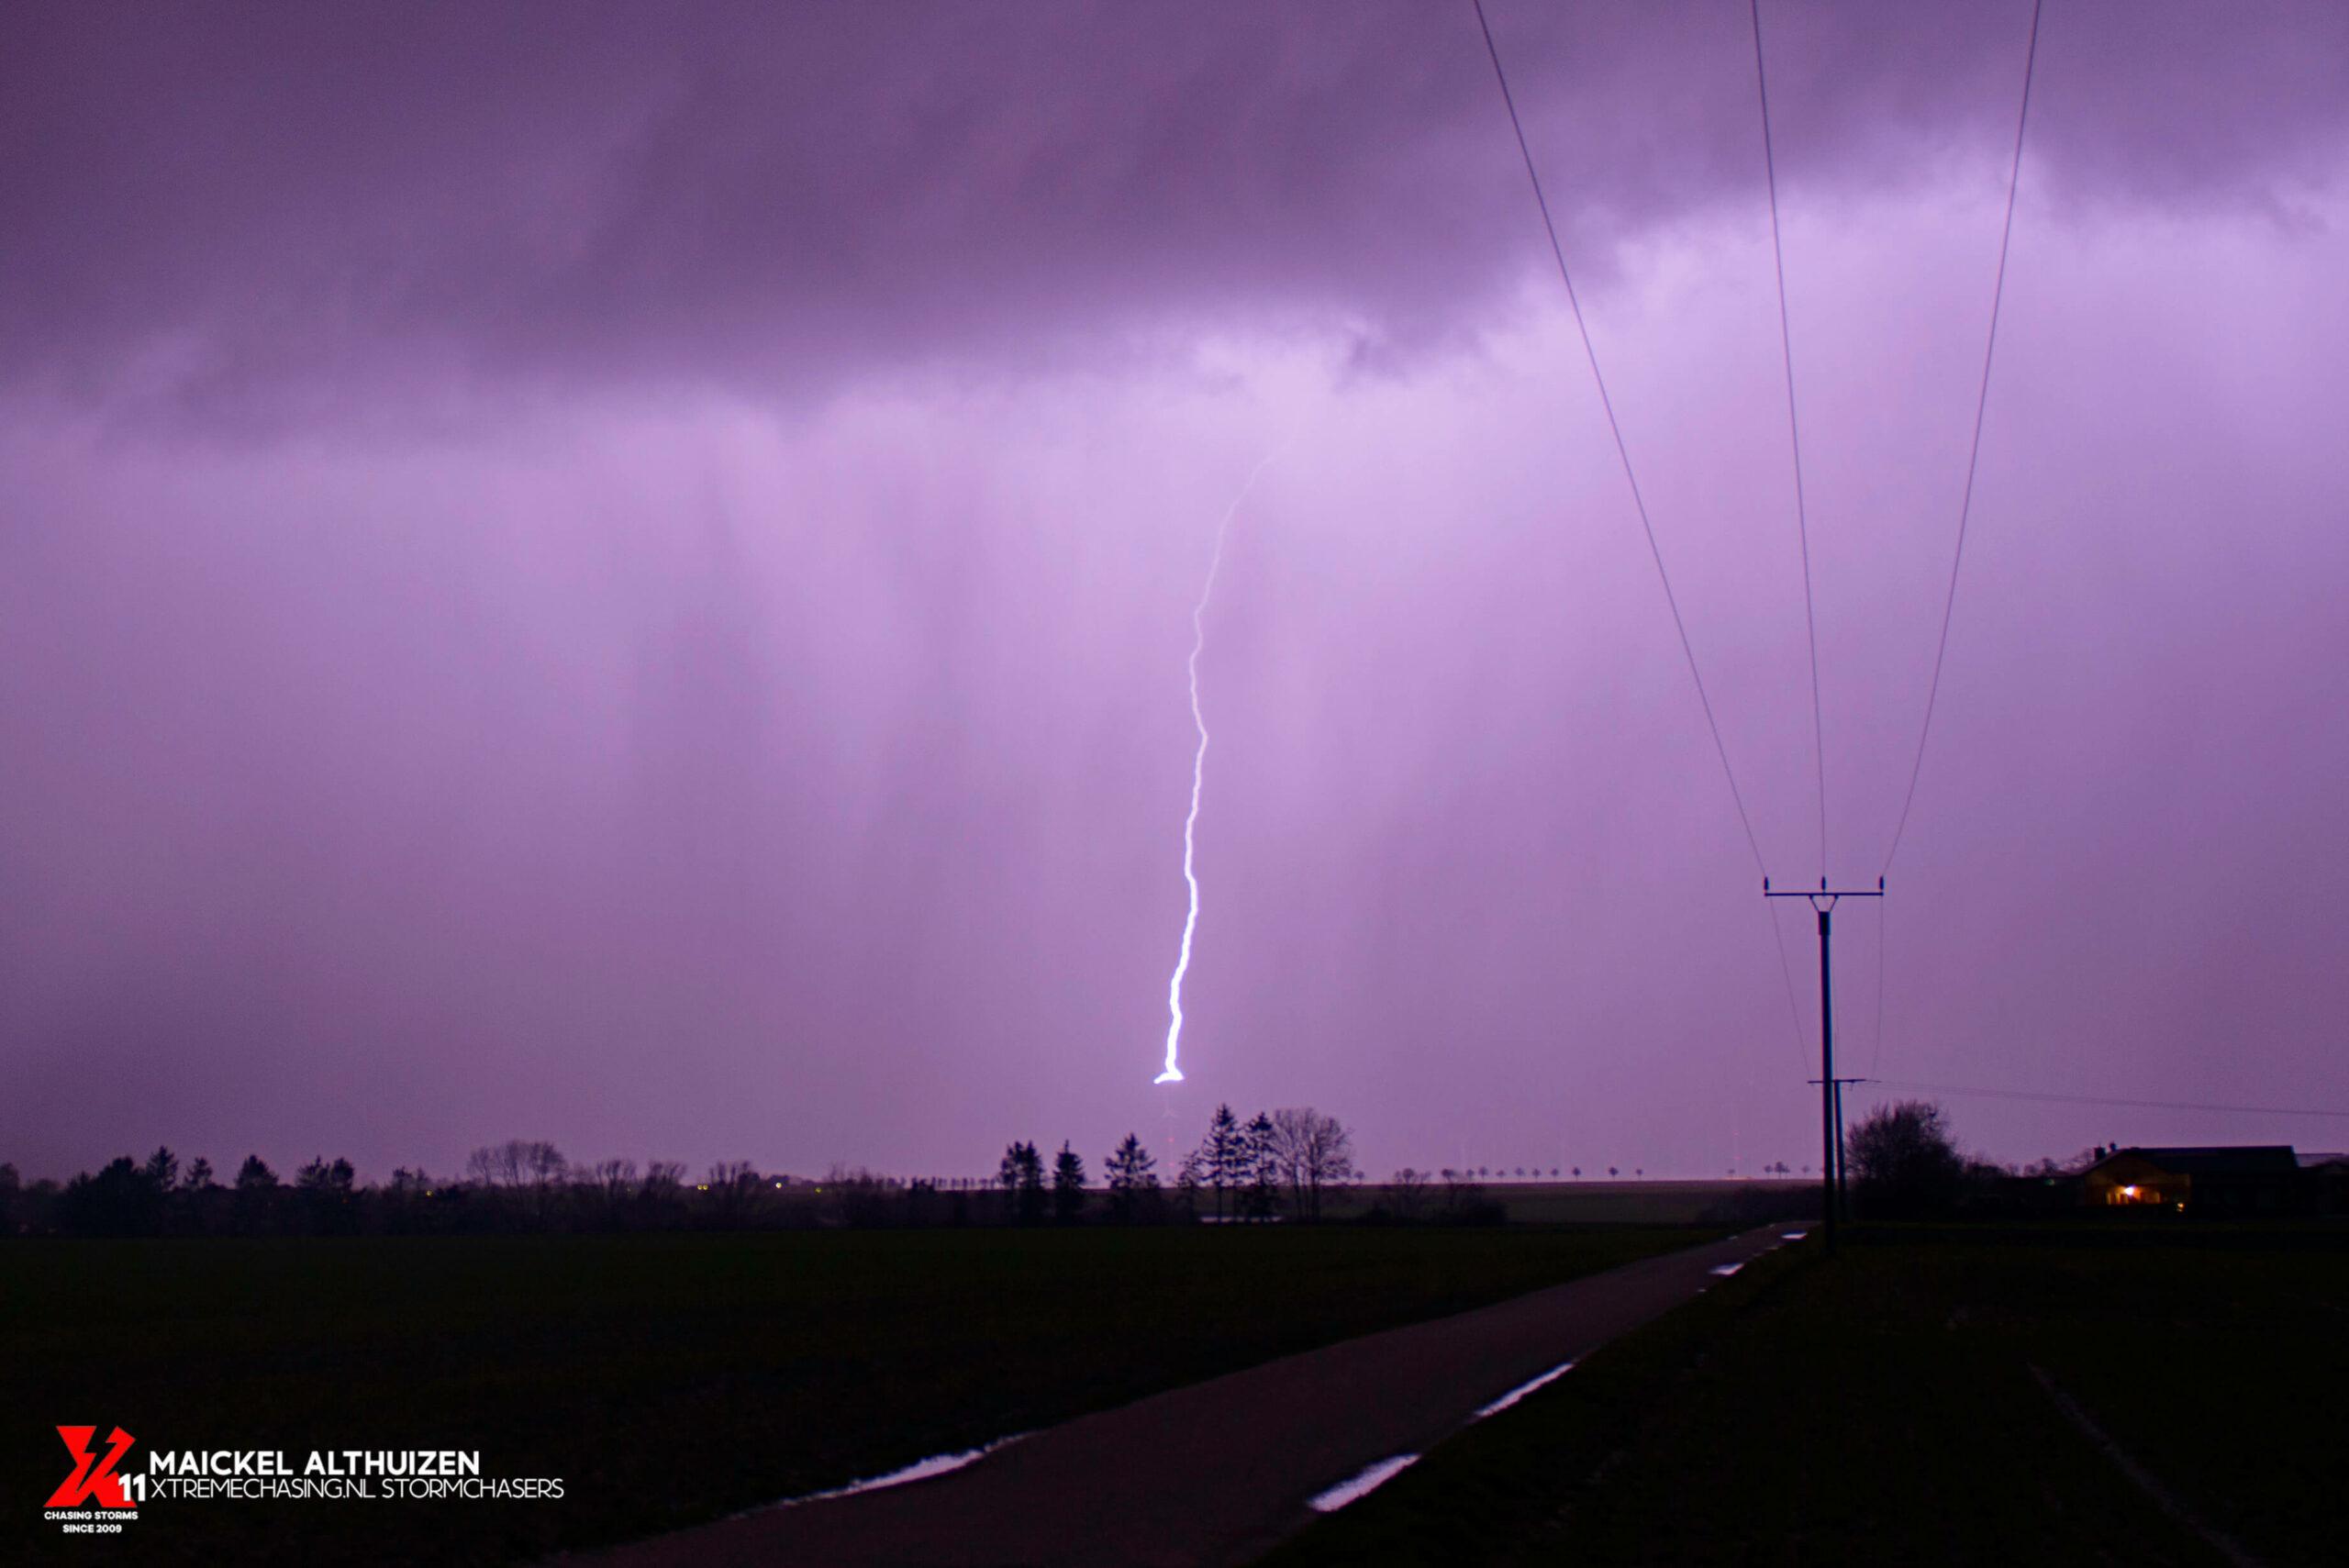 Stormchasen Bliksem op een windturbine